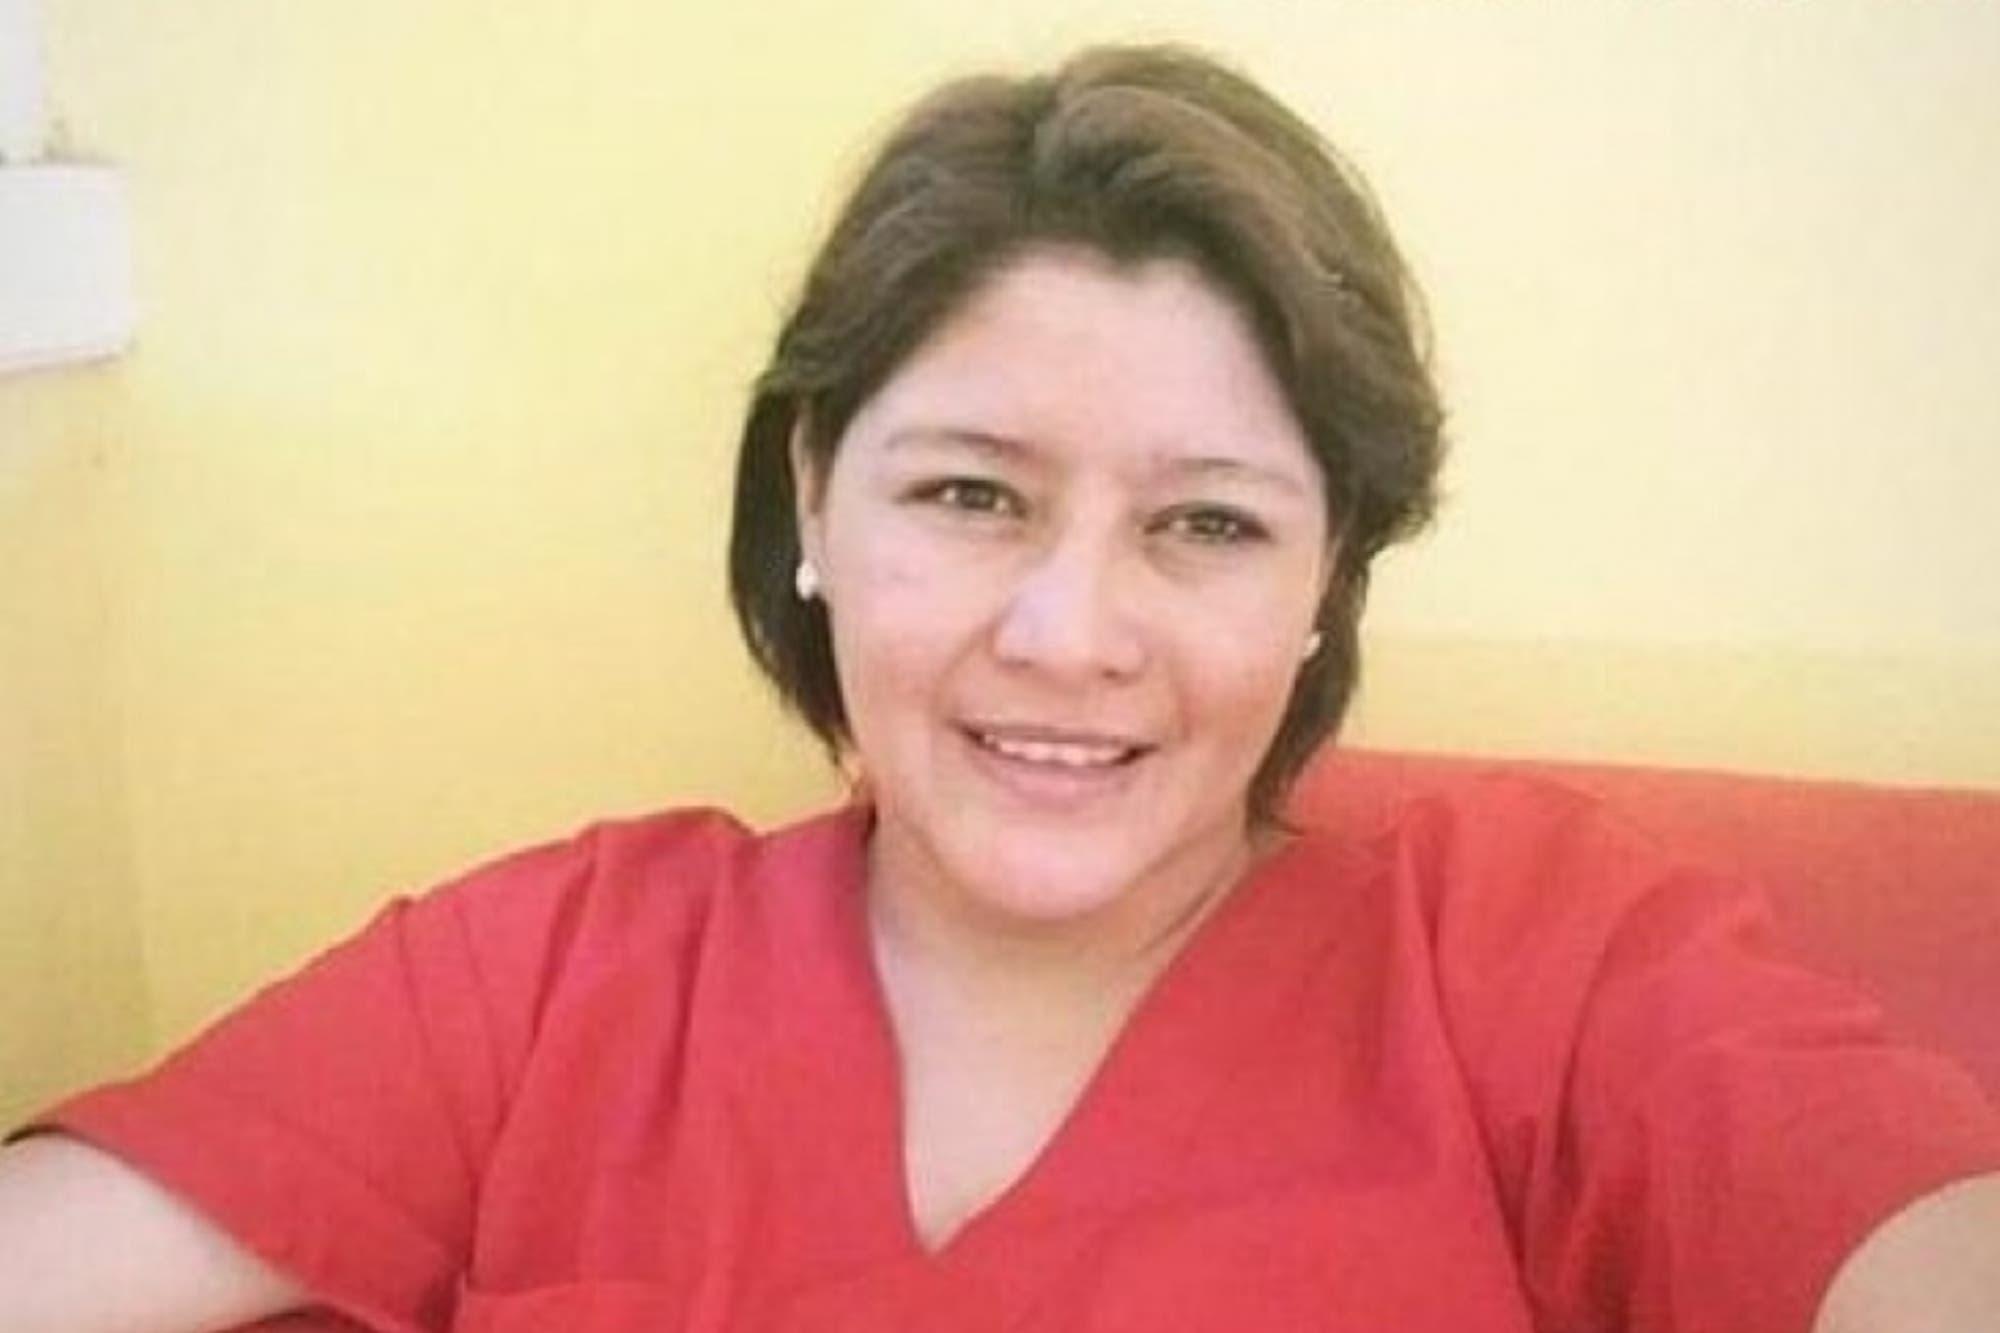 Hallan muerto al novio de la odontóloga desaparecida desde el miércoles